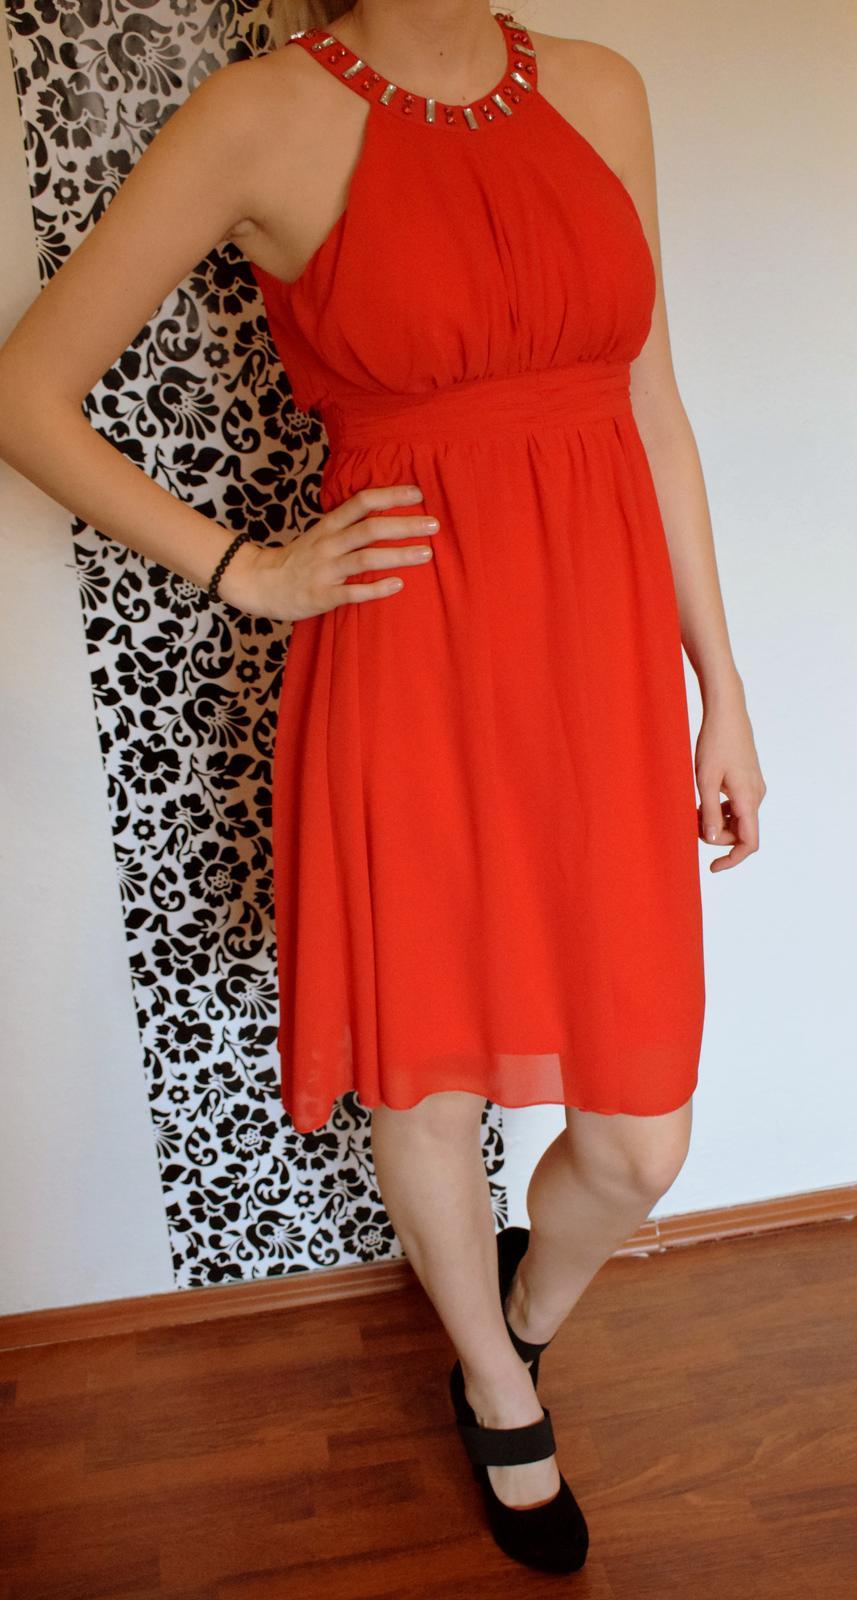 ece3b170ca72 Spoločenské šaty krátke červené s   36